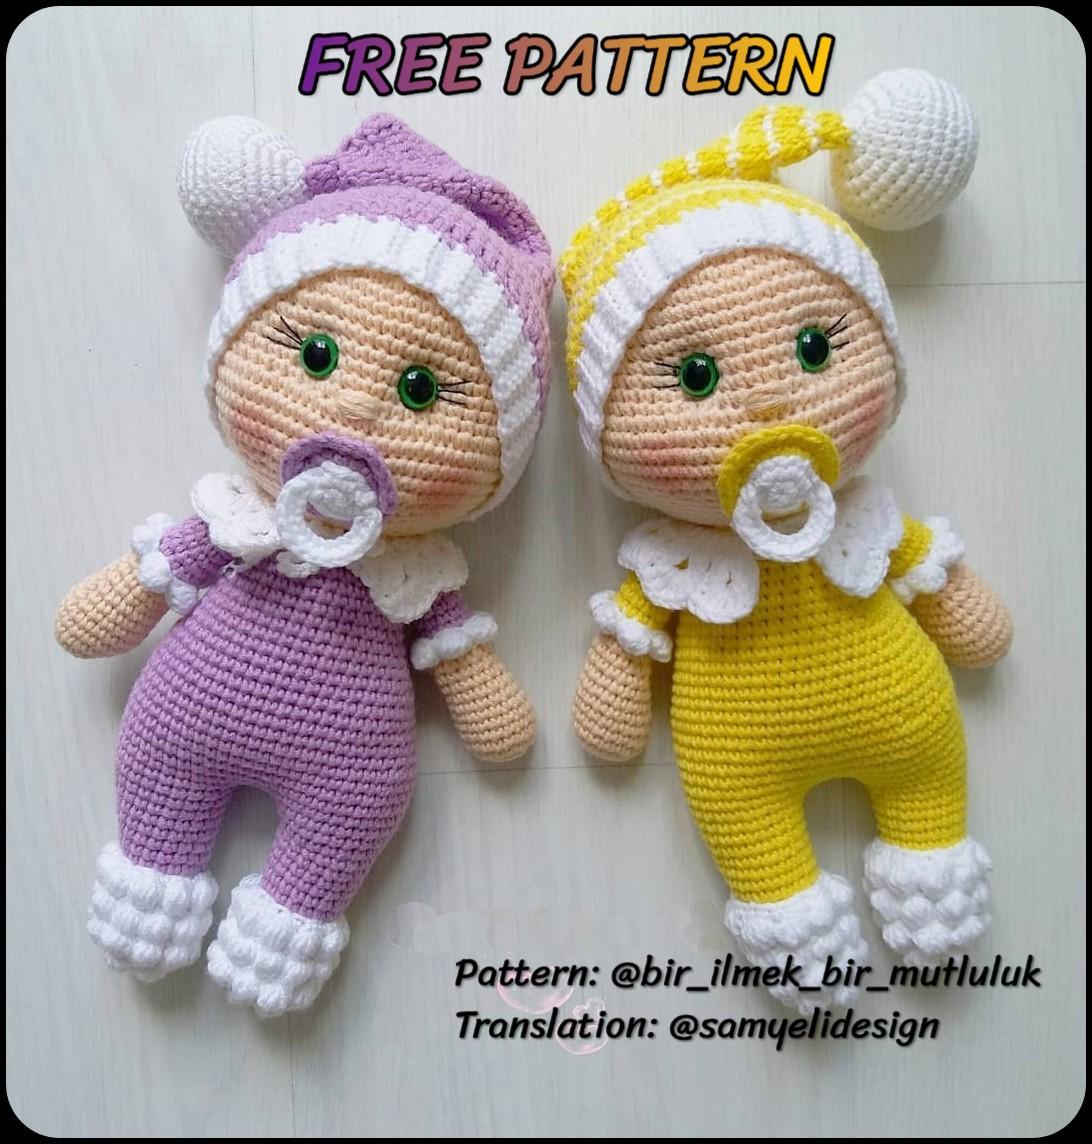 Free crochet doll patterns - crochet dolls - trishagurumi | 1144x1092